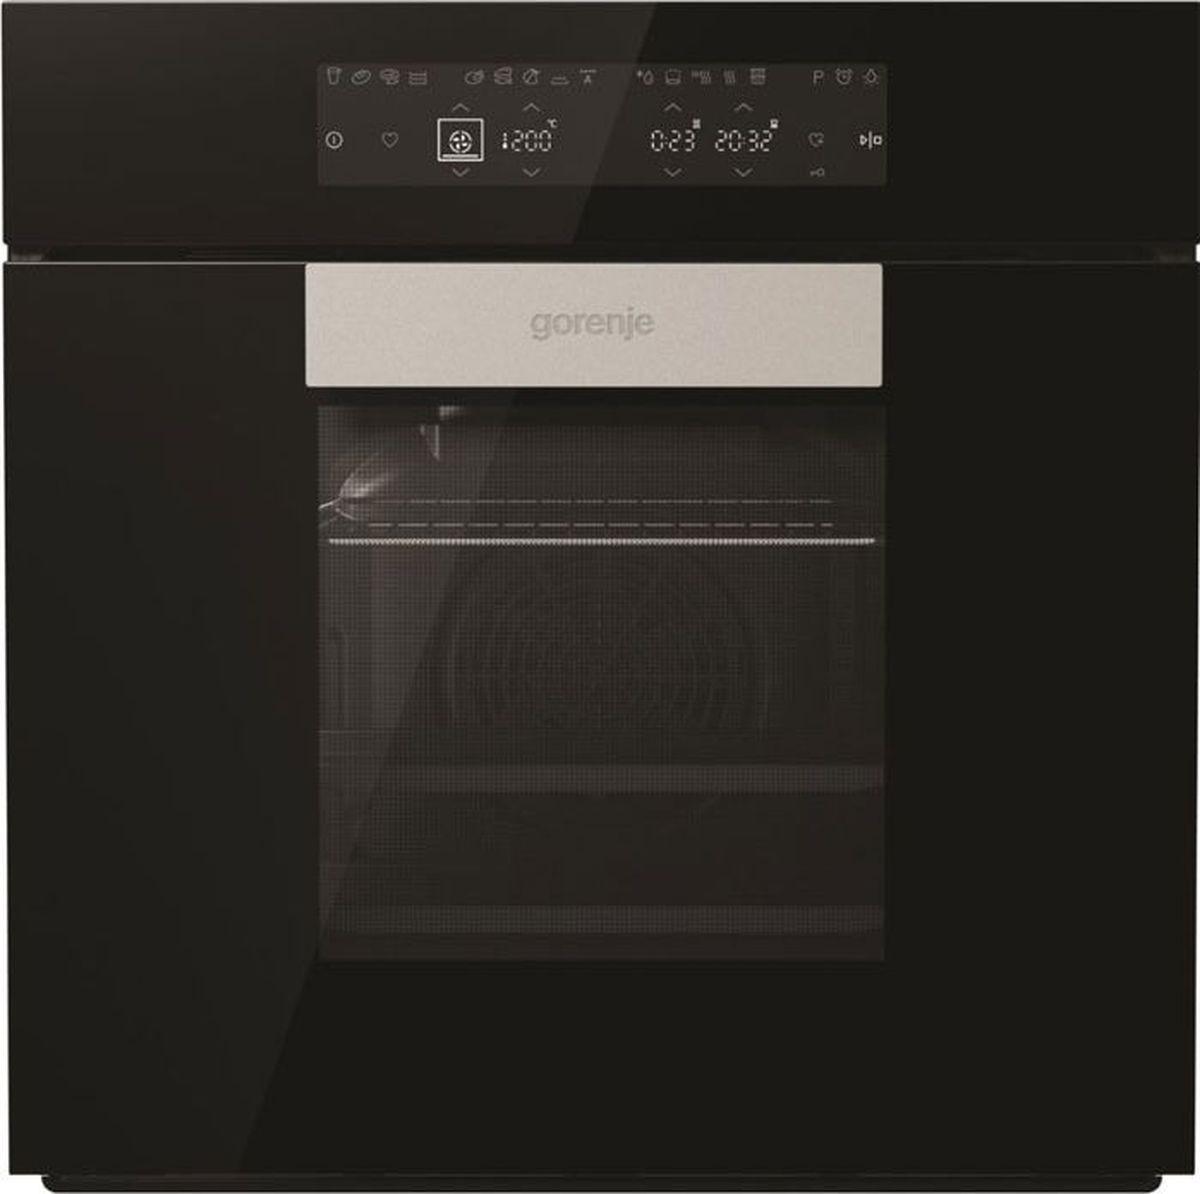 Духовой шкаф Gorenje Karim Rashid BO658KRB, стекло черное электрический духовой шкаф gorenje bcs547oraw белый bcs547oraw